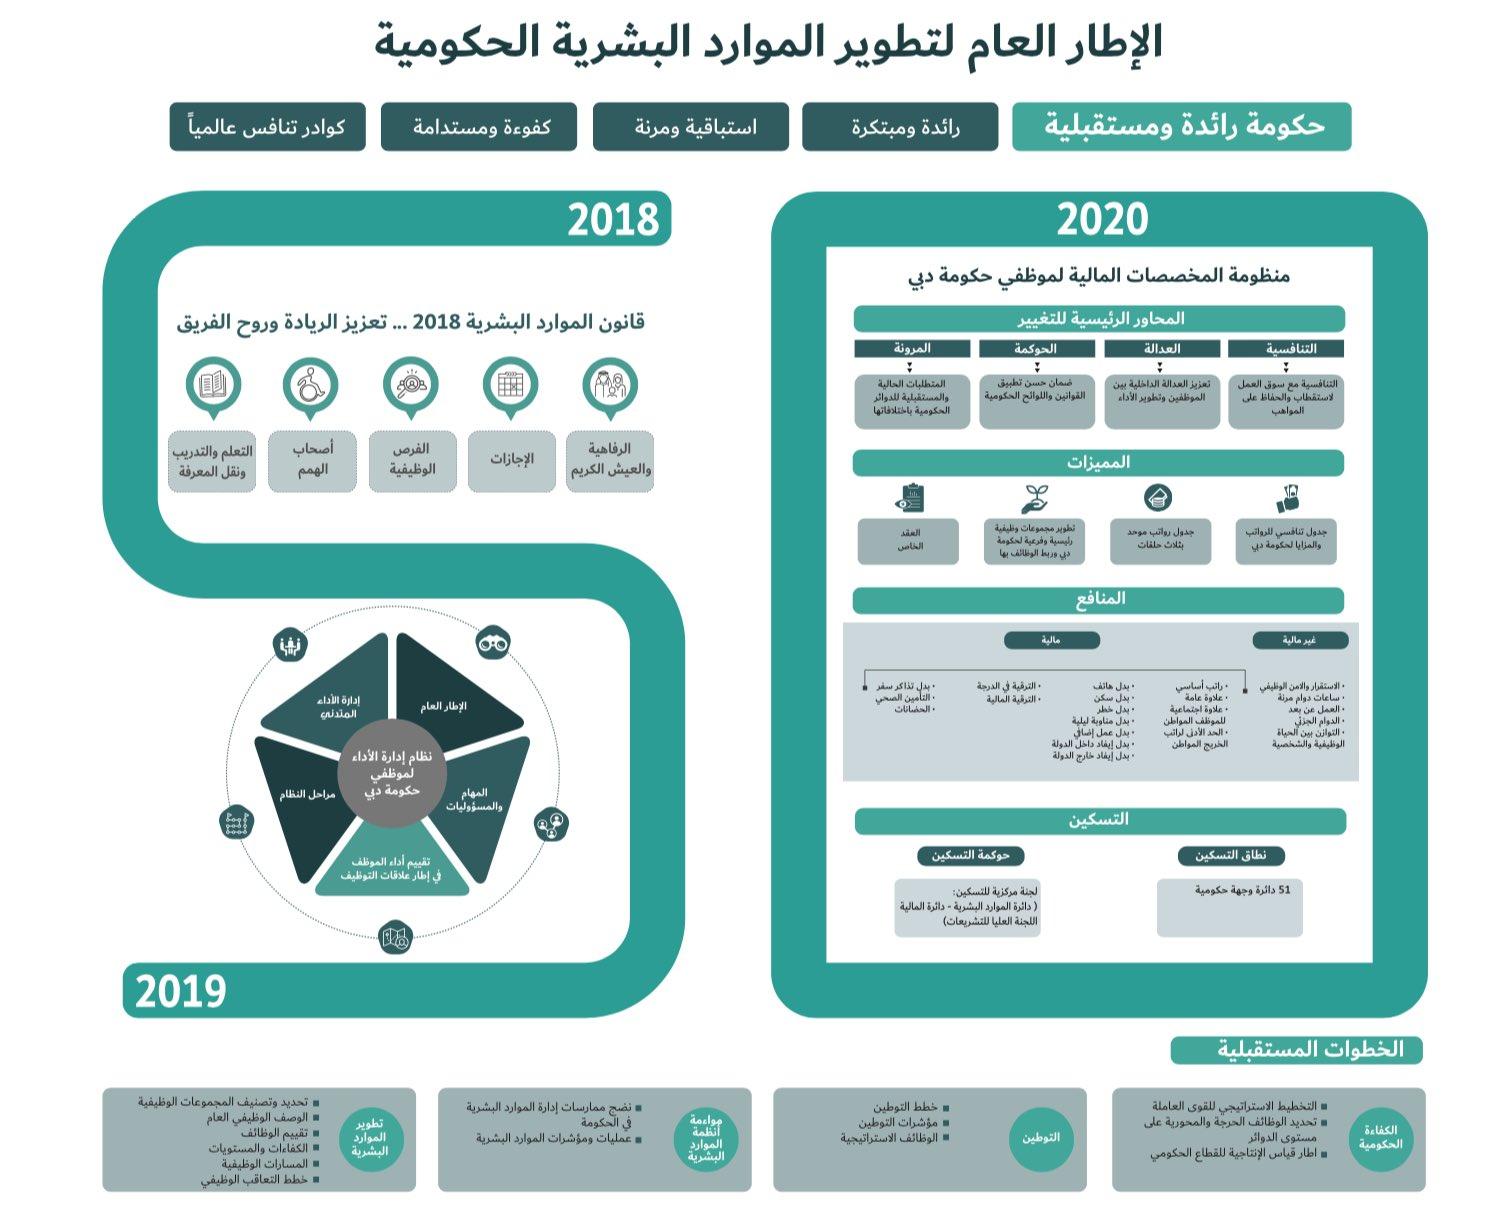 16 قرارا سياديا بالإمارات لصالح المقيمين في 2020 أبزرها إلغاء الرسوم معلومات مباشر